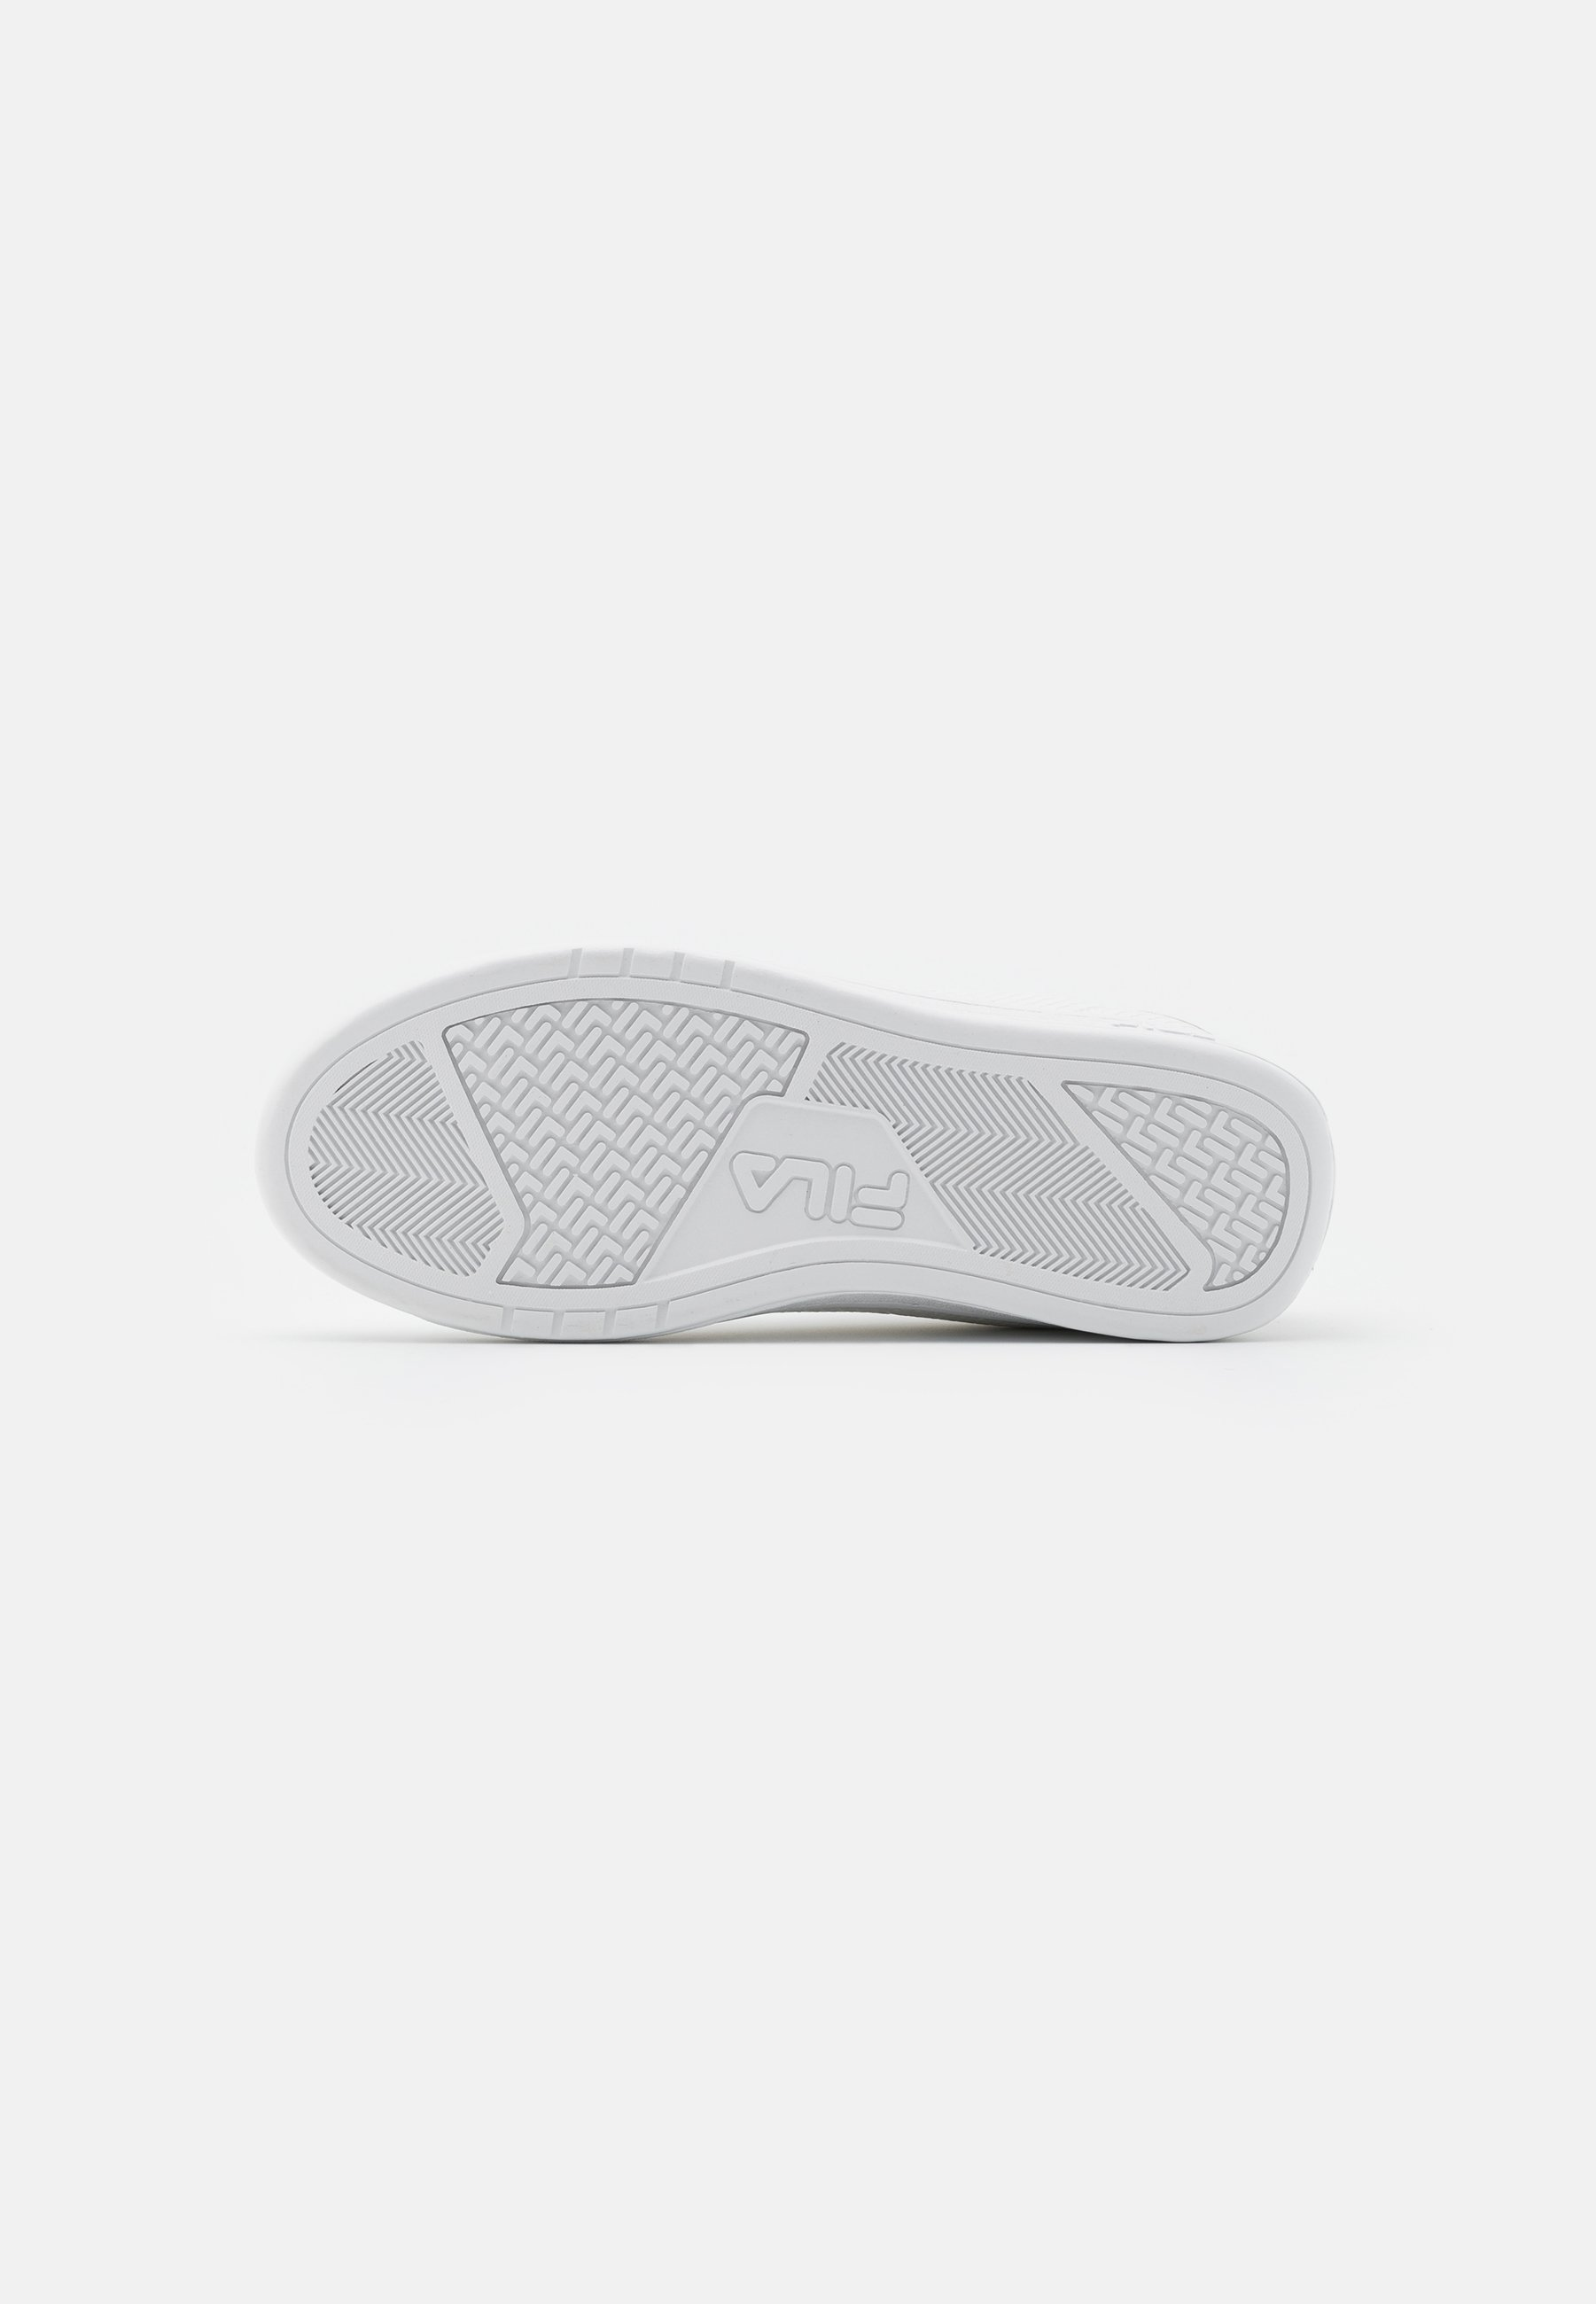 CROSSCOURT 2 Sneakers whitesepia rose